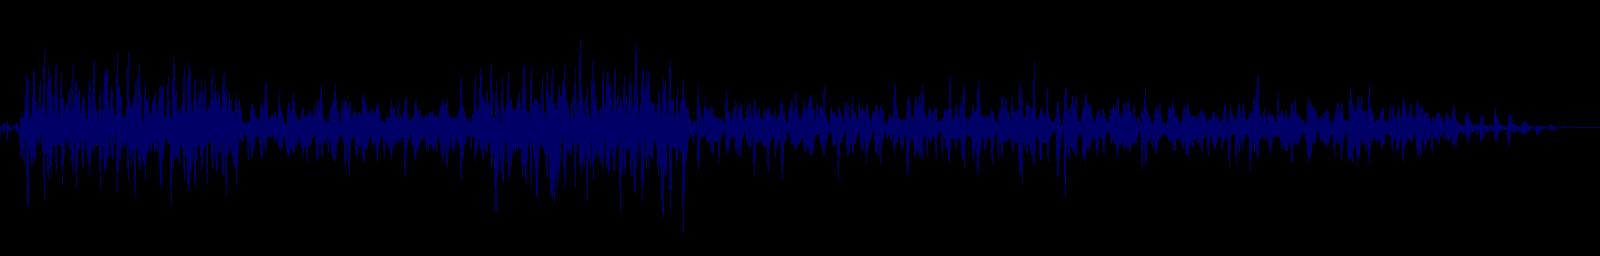 waveform of track #147803